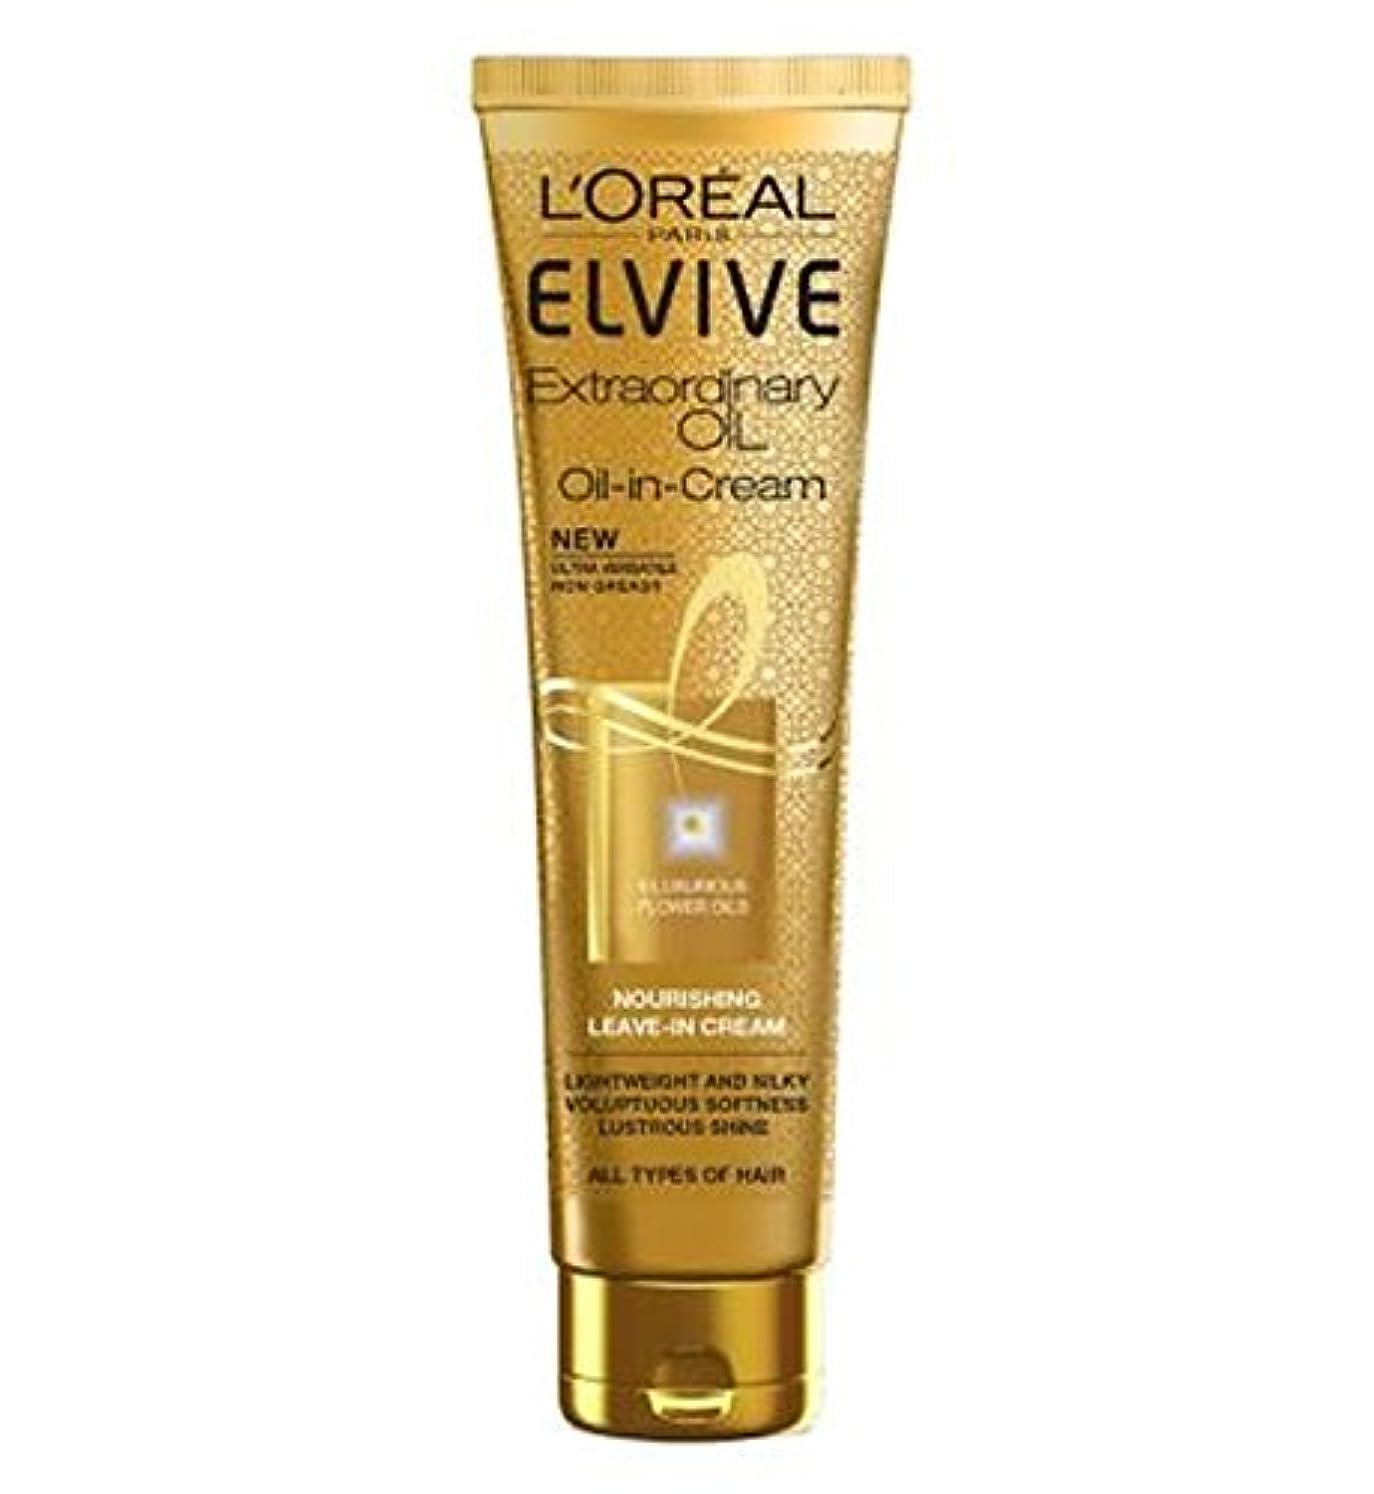 すべての髪のタイプのクリームでロレアルパリElvive臨時オイル (L'Oreal) (x2) - L'Oreal Paris Elvive Extraordinary Oil in Cream All Hair Types...